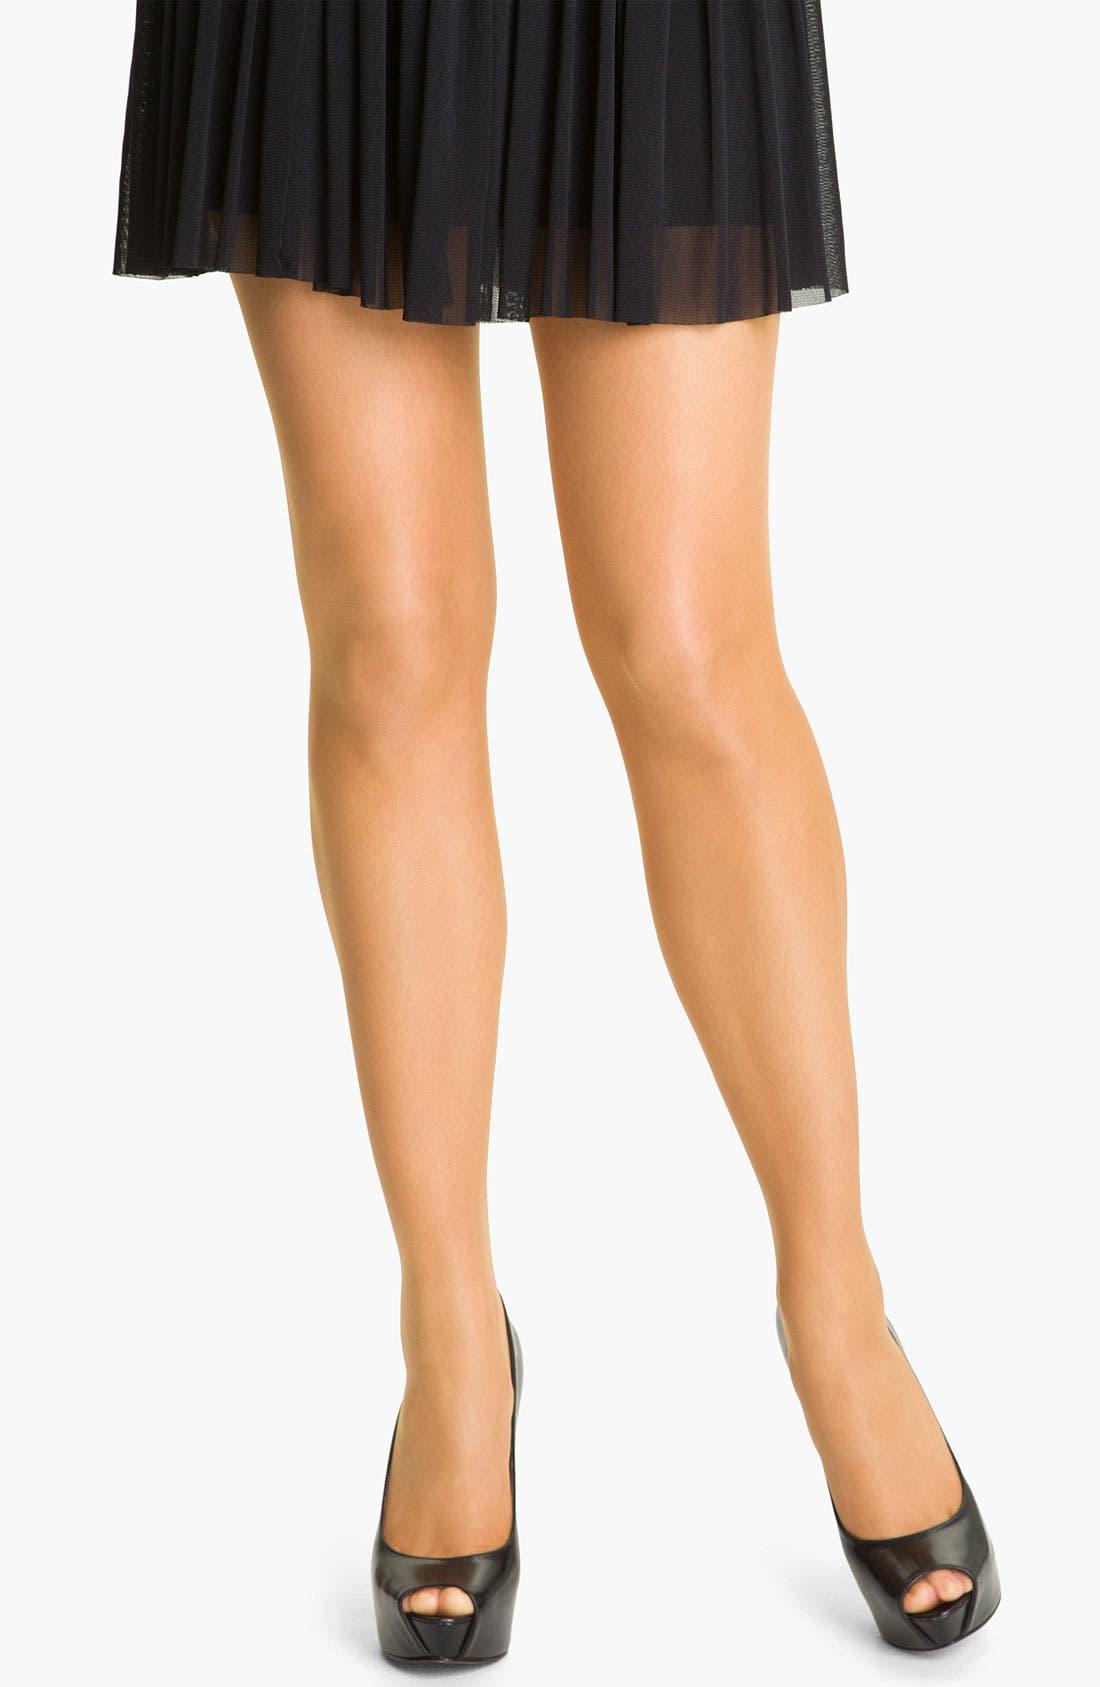 Alternate Image 1 Selected - Falke 'Lunelle 8 Denier' Ultra Sheer Stockings